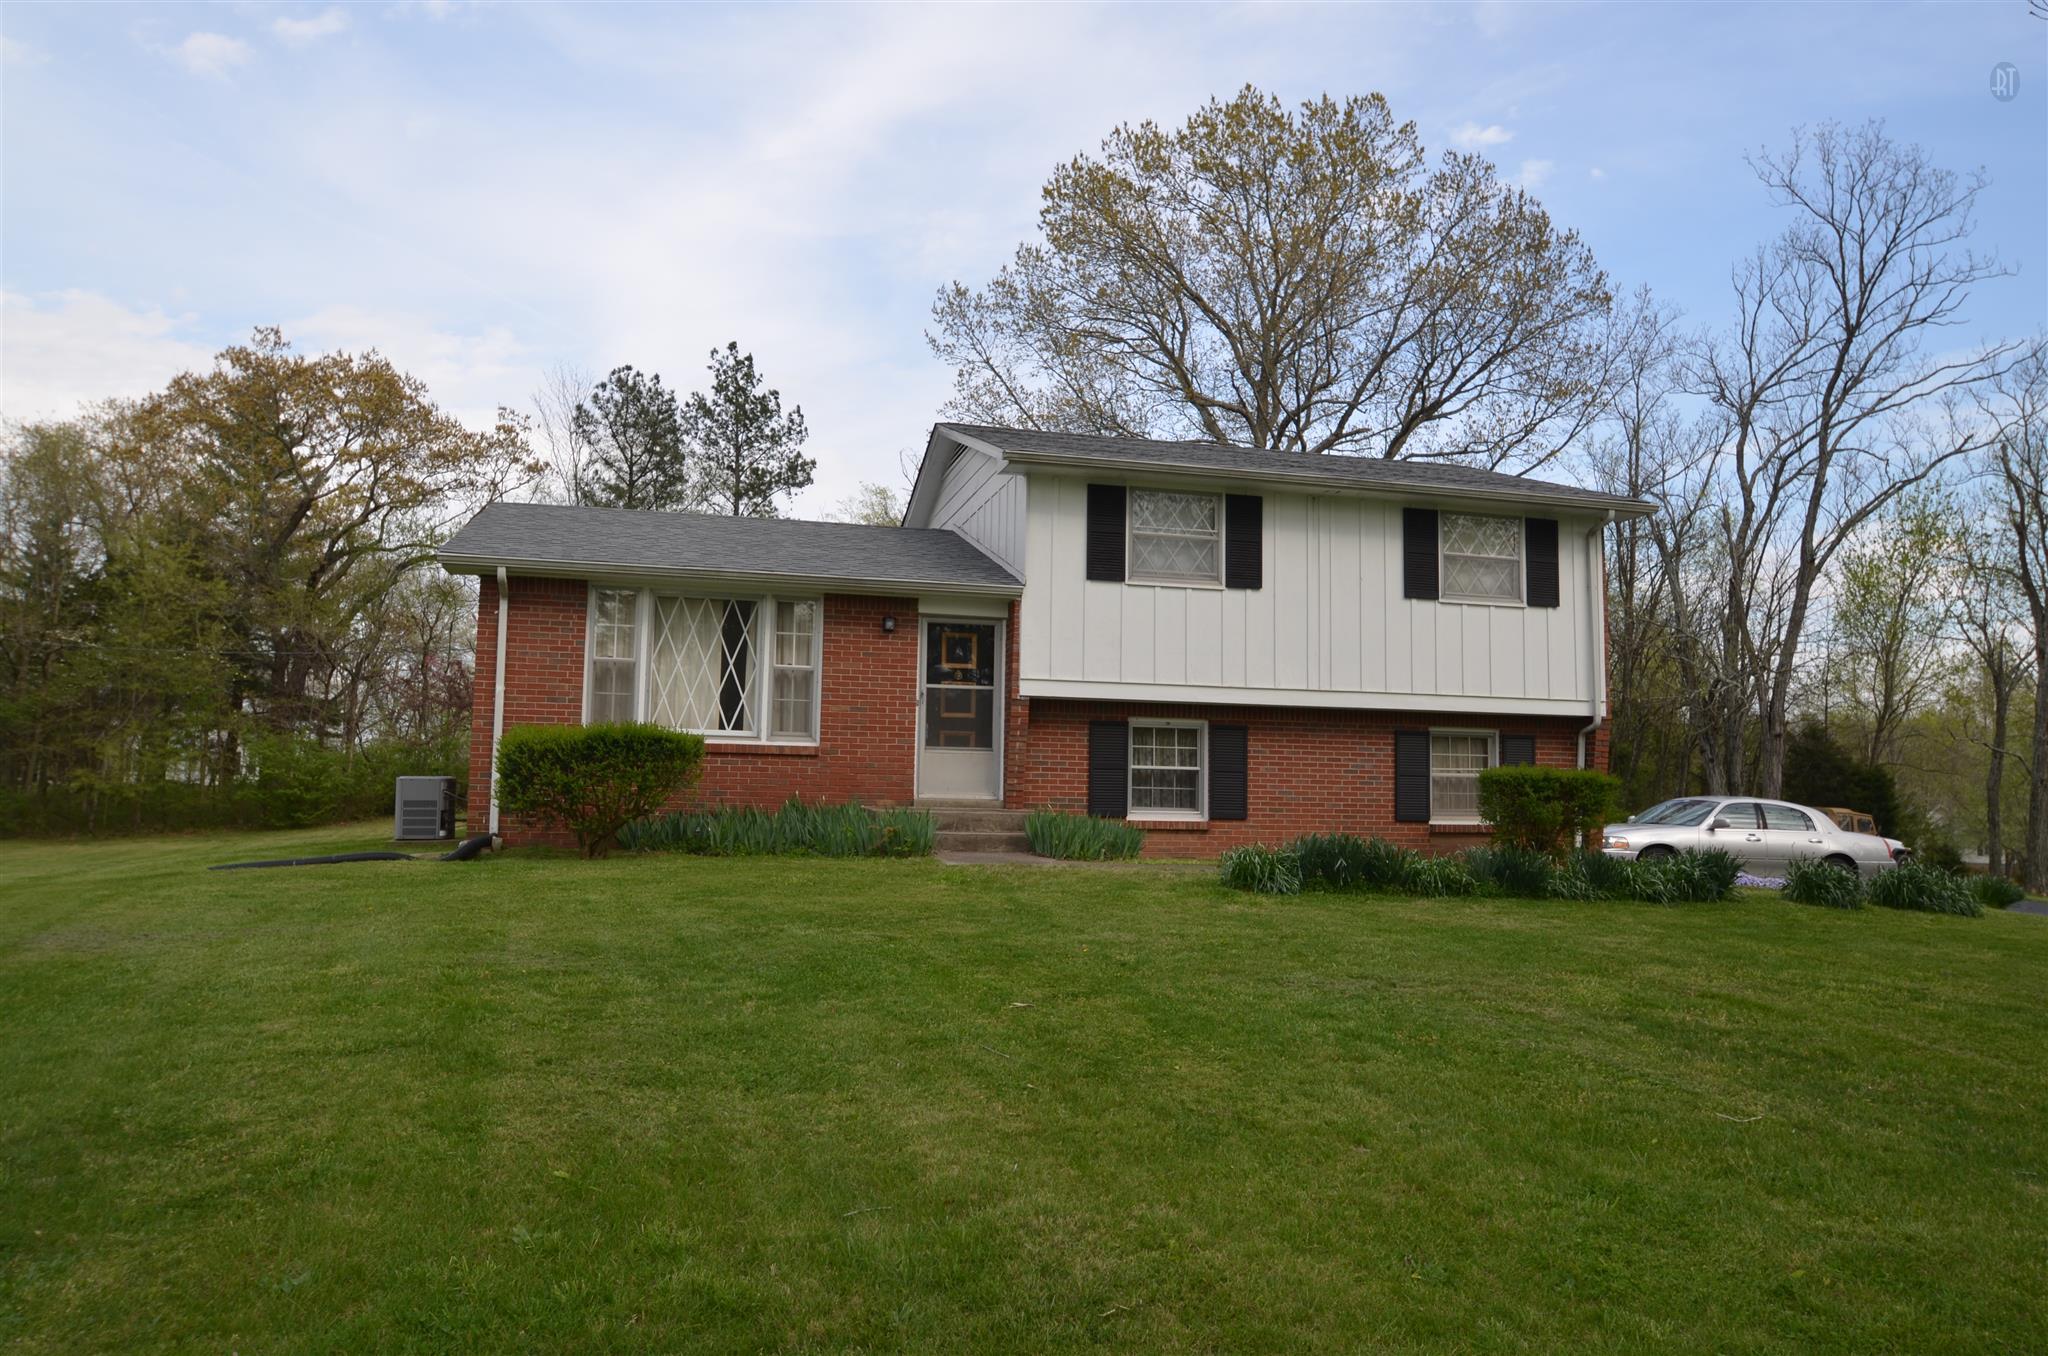 1551 Dotsonville Rd, Clarksville, TN